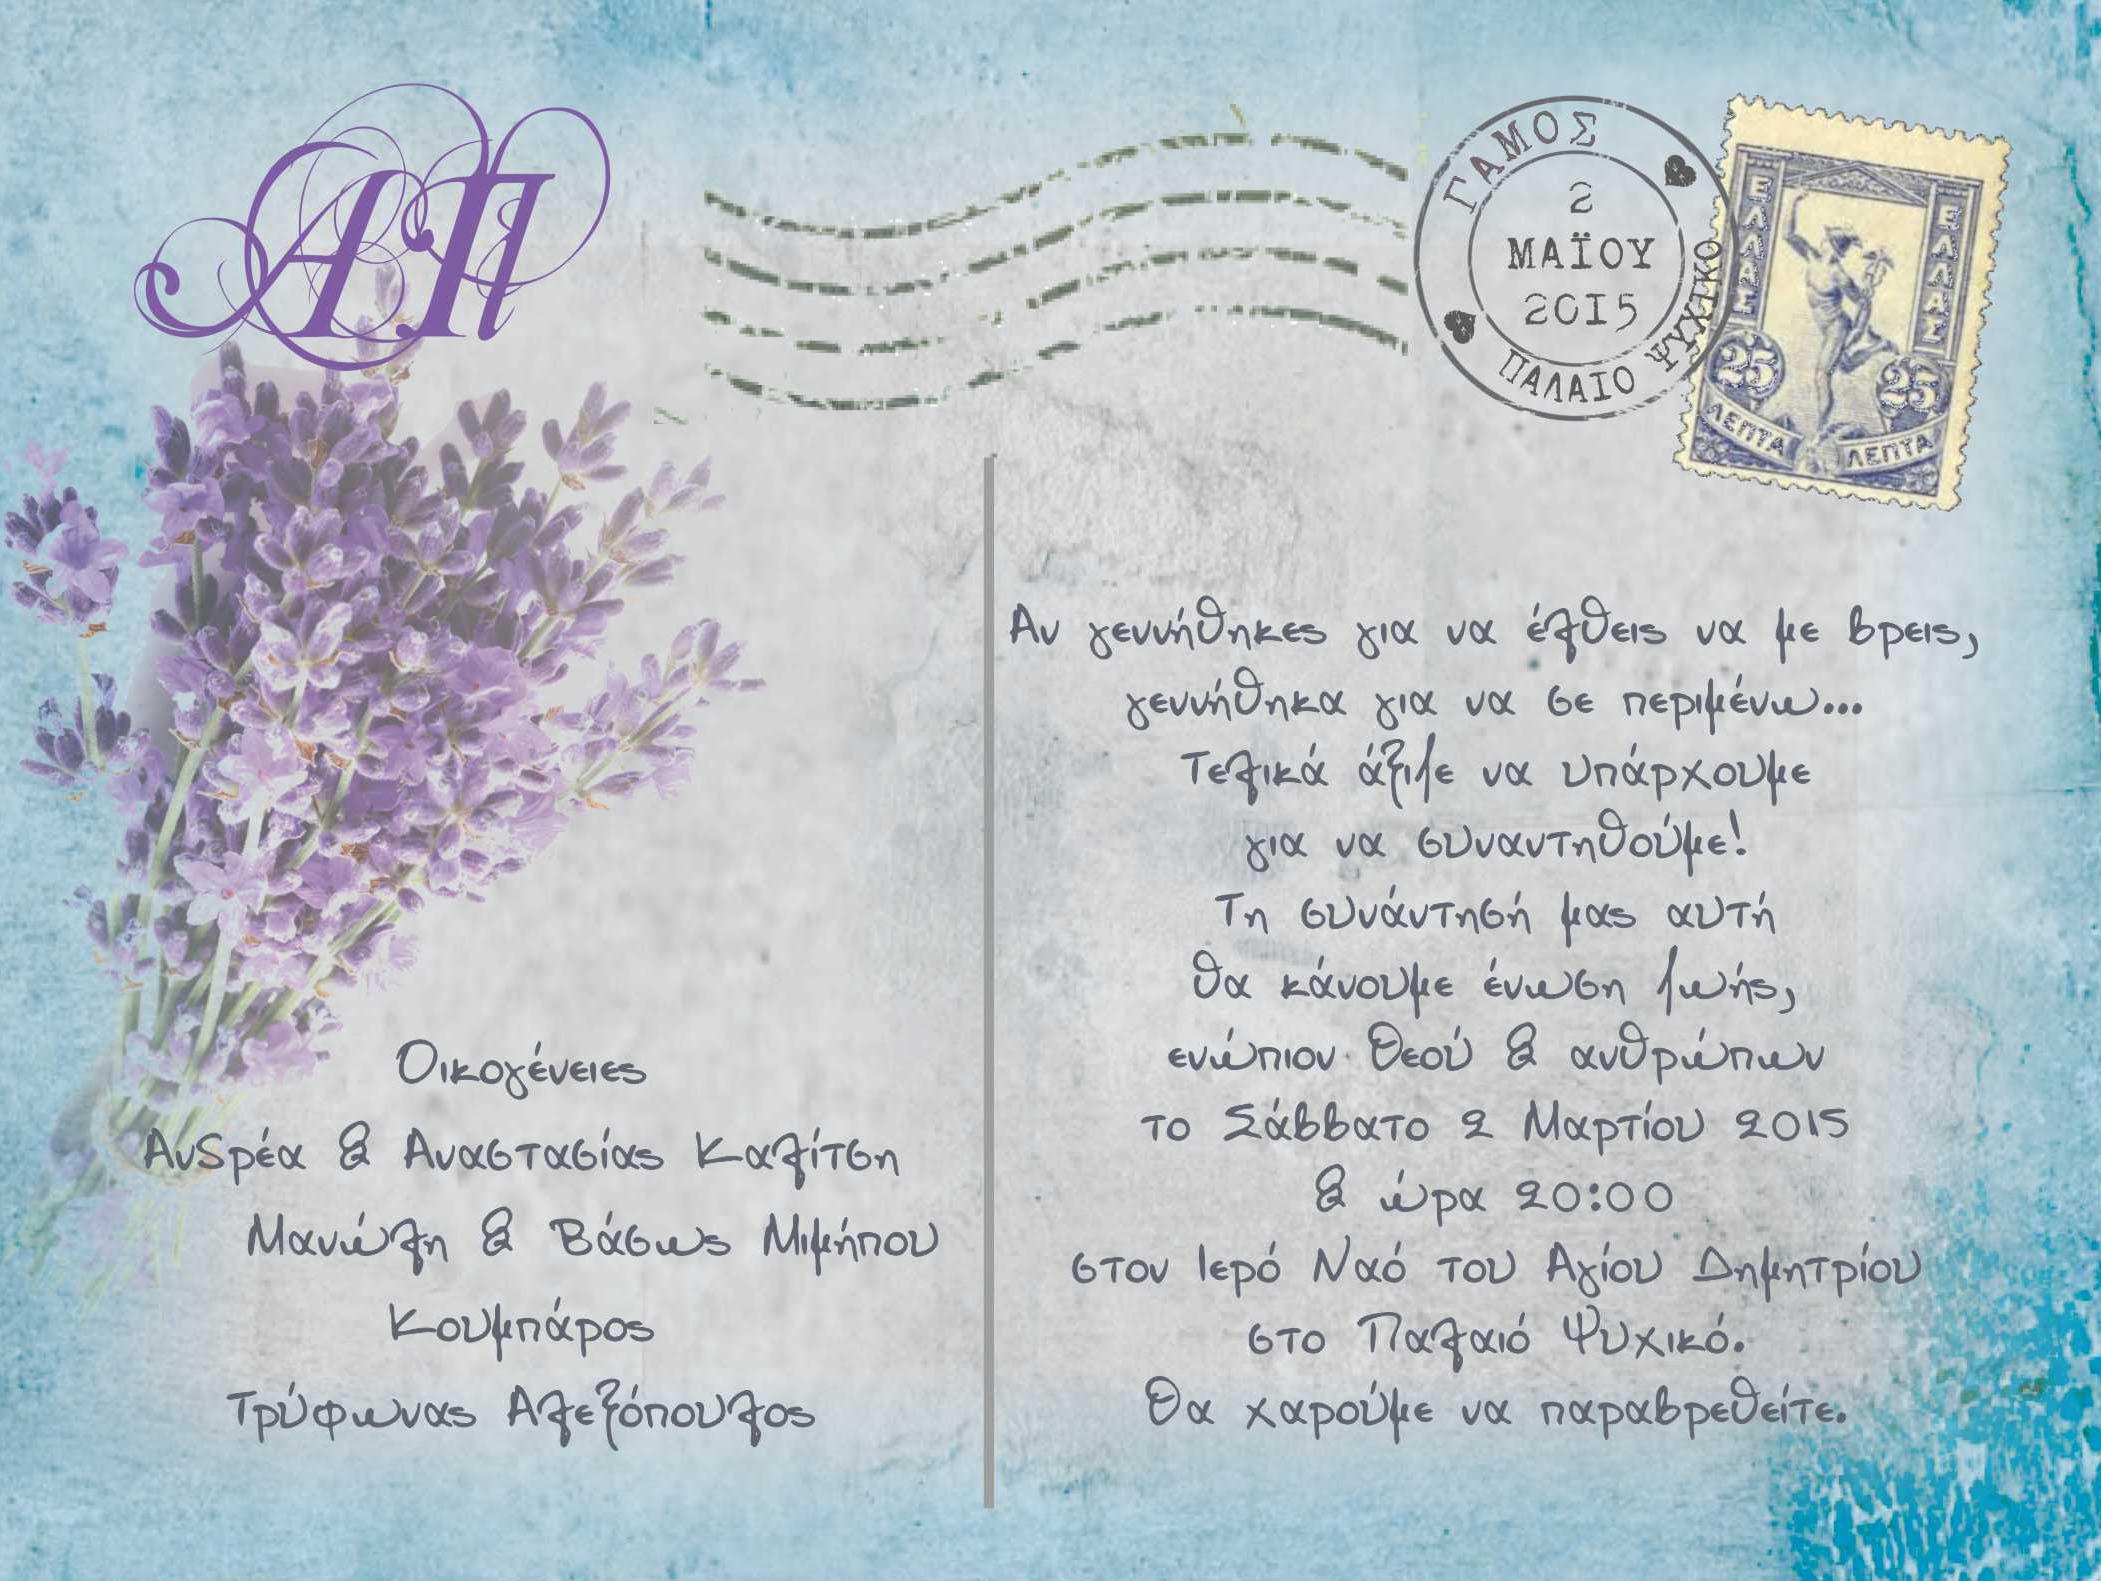 Προσκλητήριο ρομαντικό καρτ ποστάλ λεβάντα 85